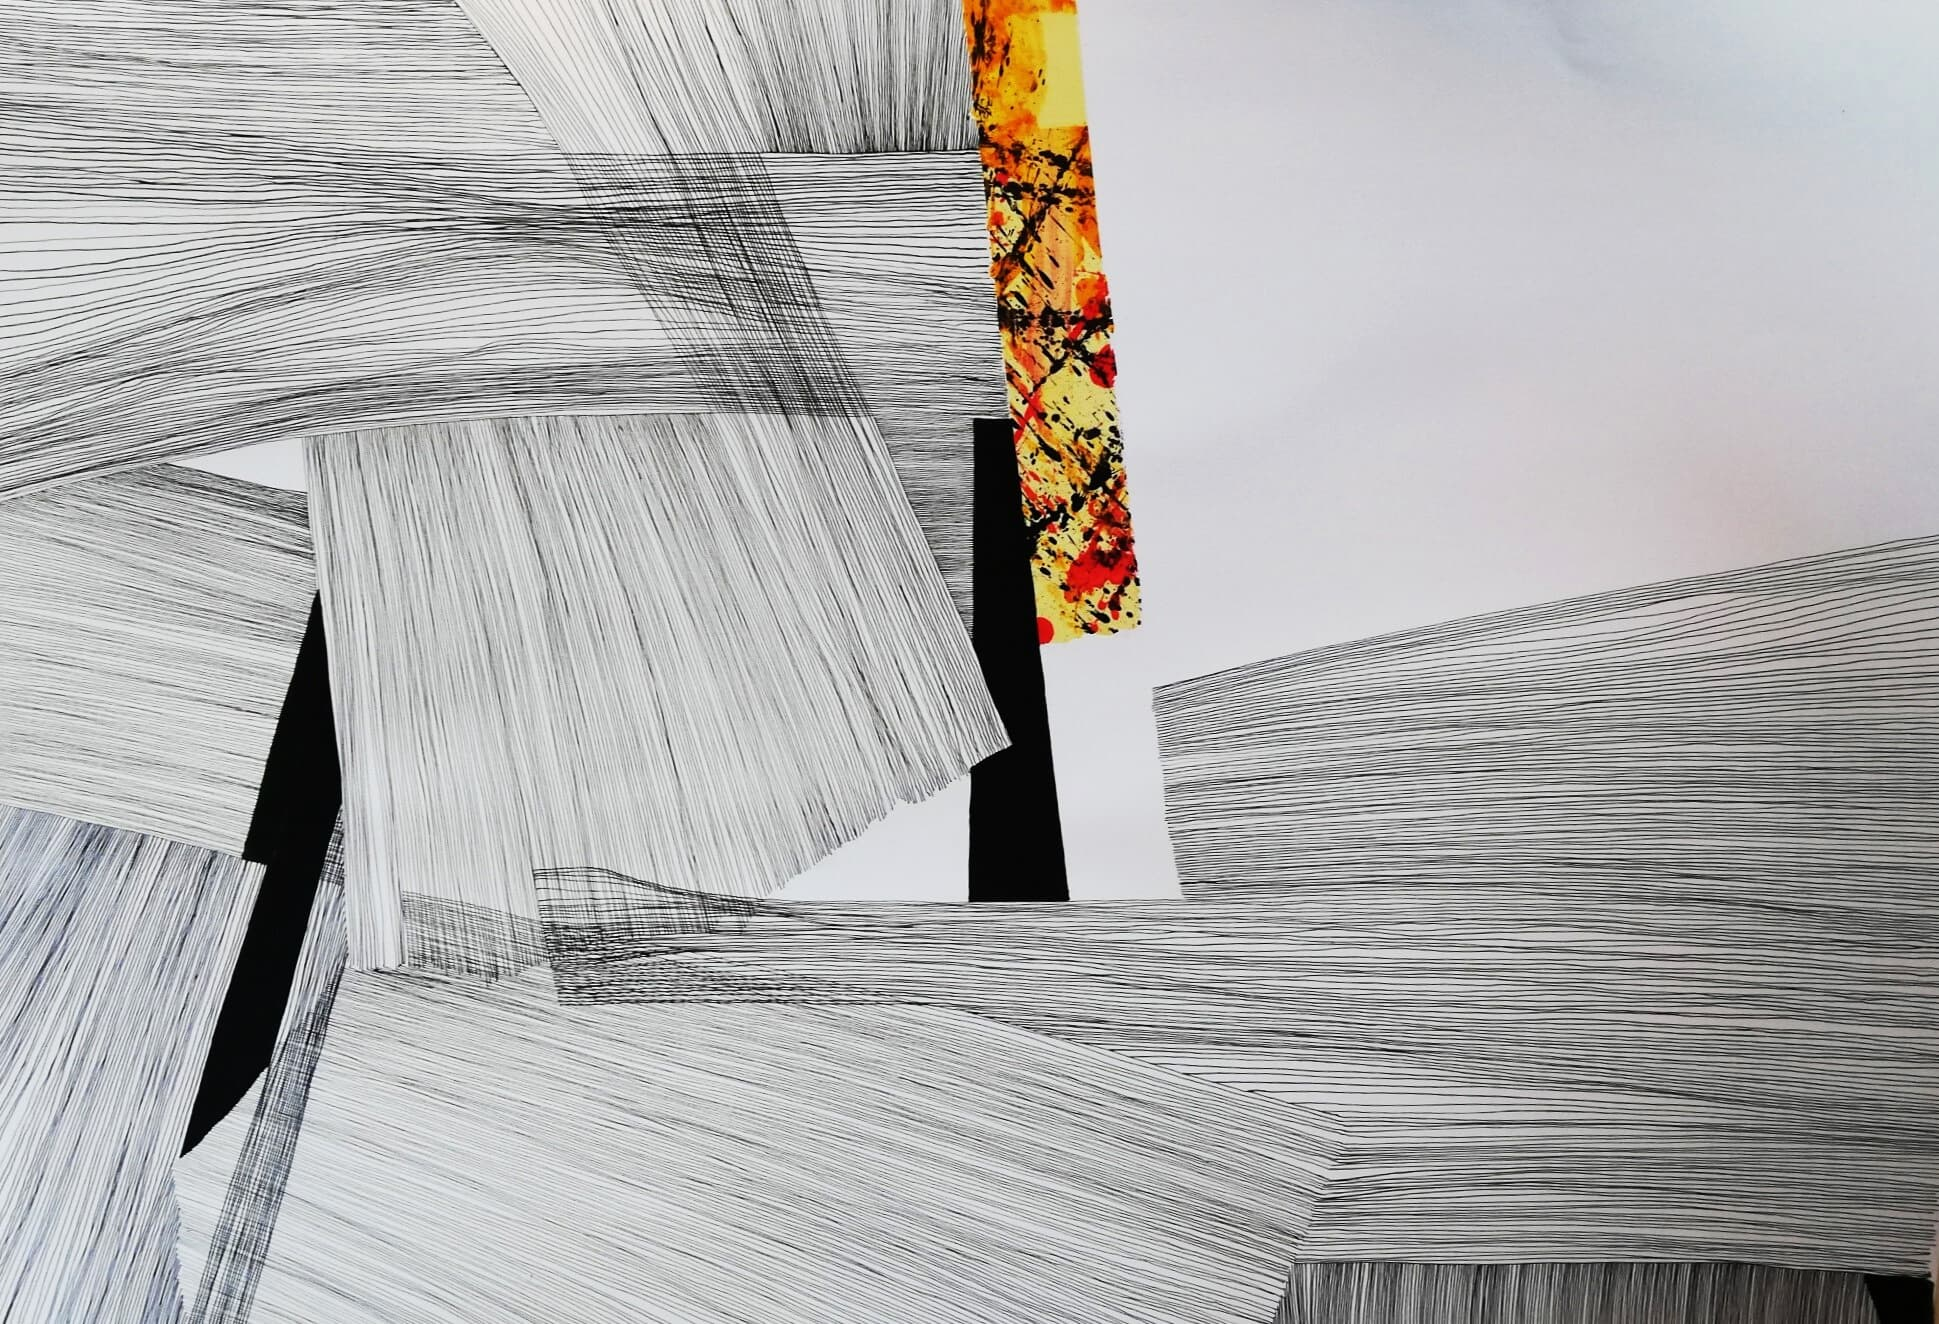 Stare de fapt 3 Galerie, Grafica, Homepage